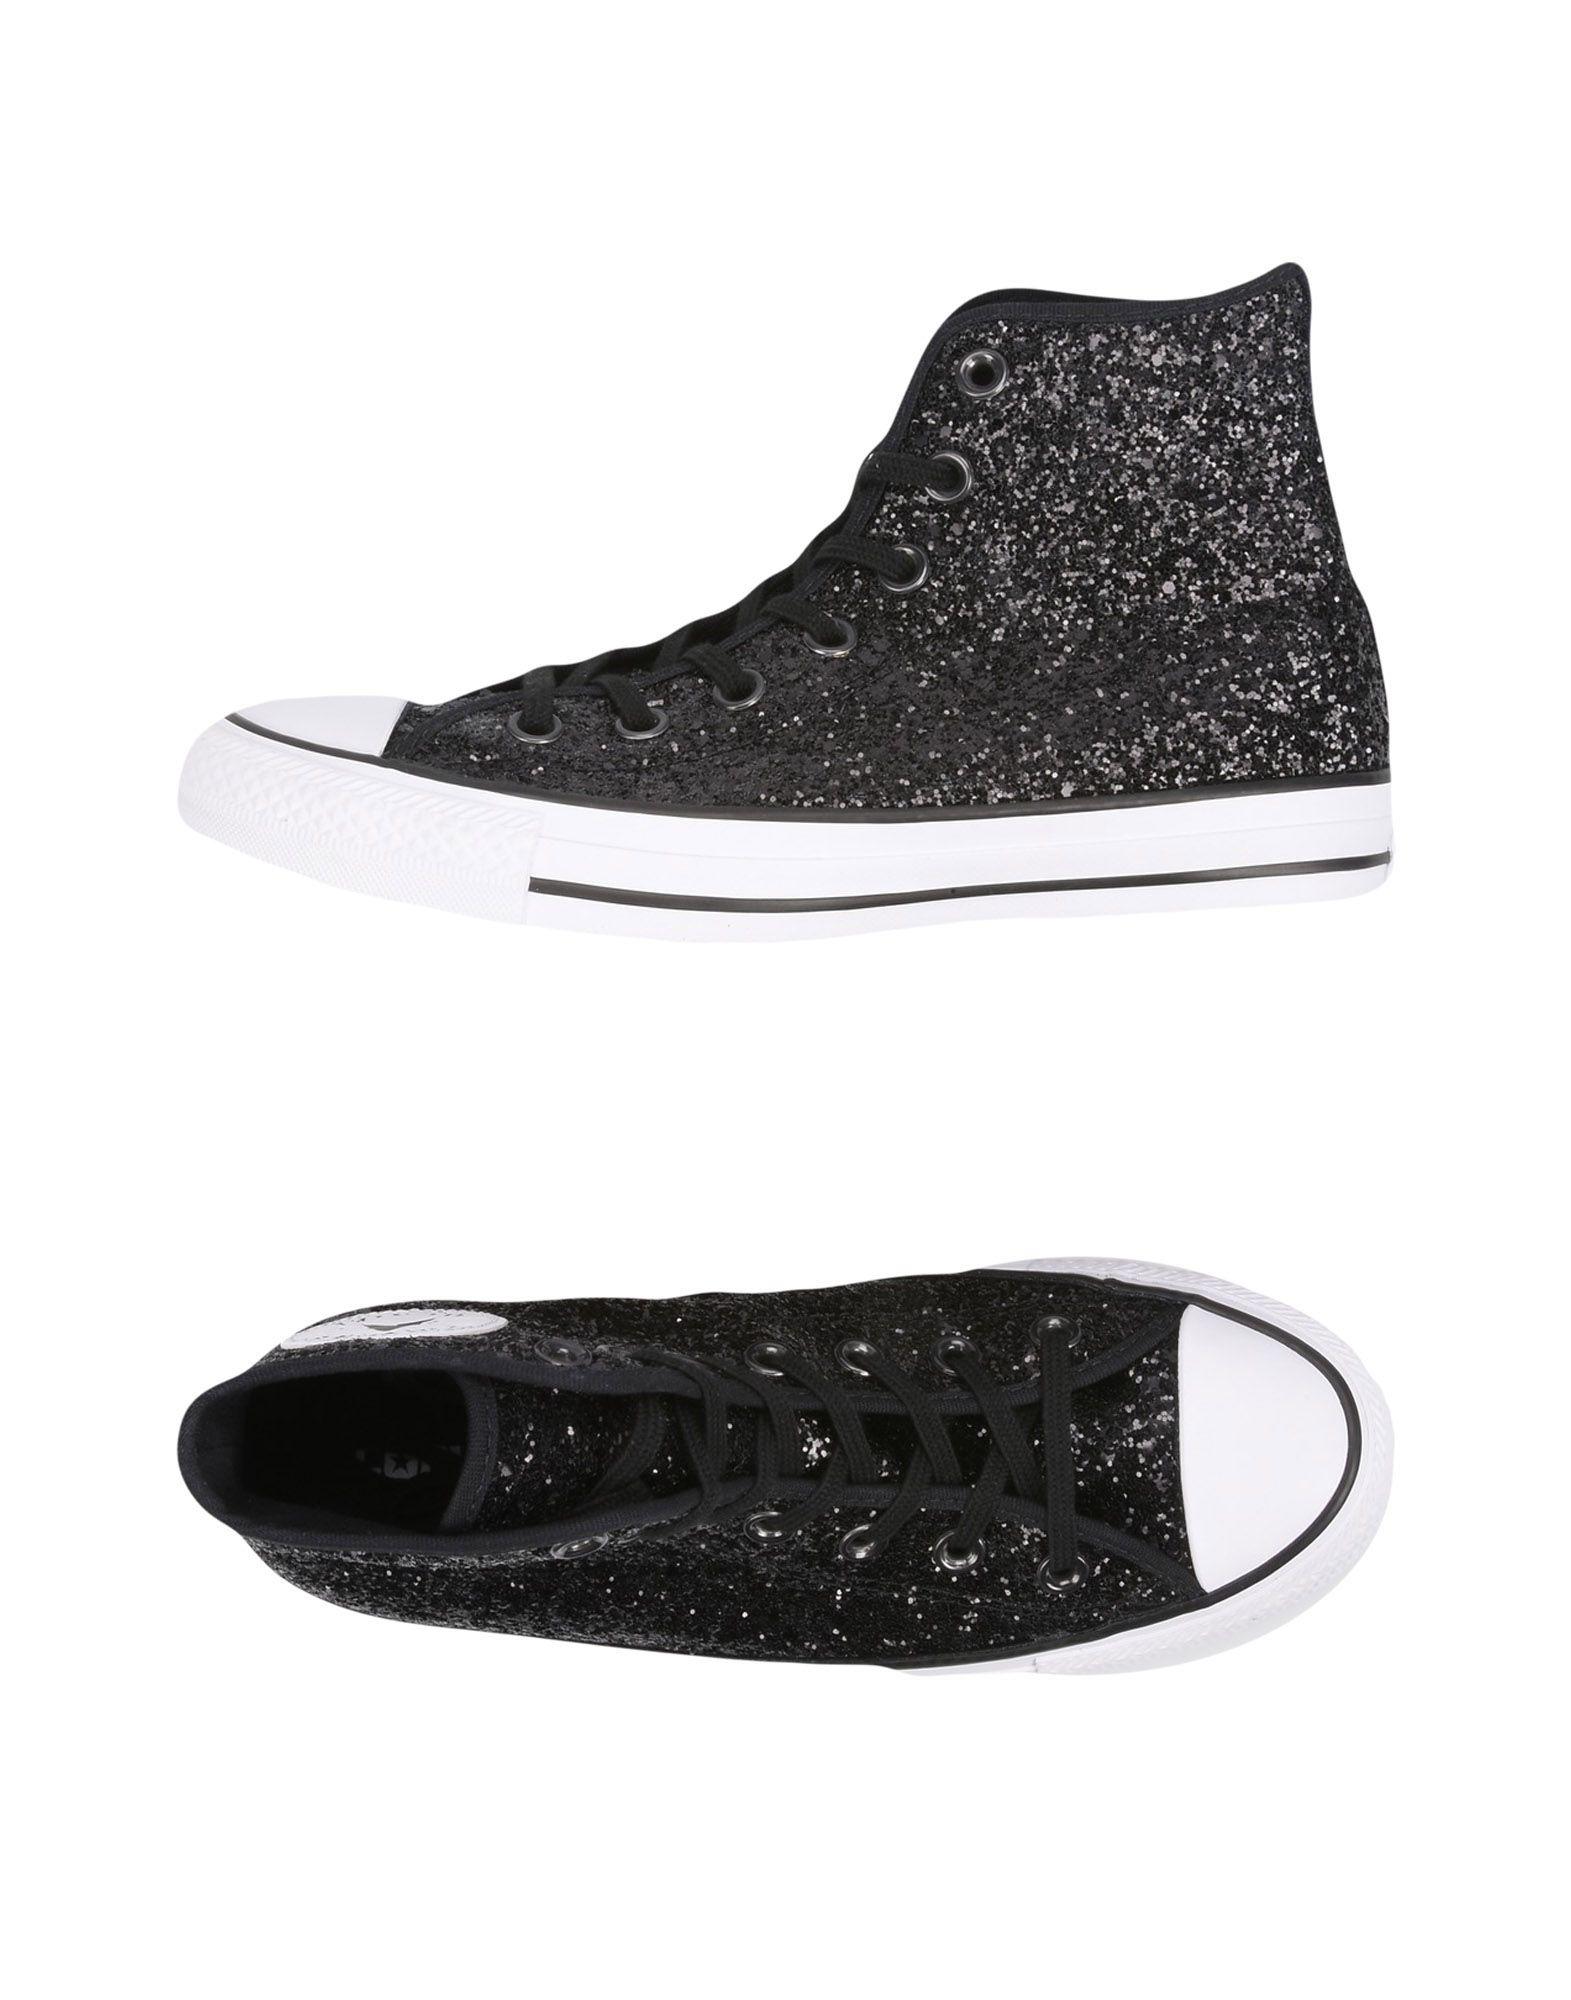 Scarpe da Ginnastica Converse All Star Ct As Hi Glitter - Donna - 11336220FO